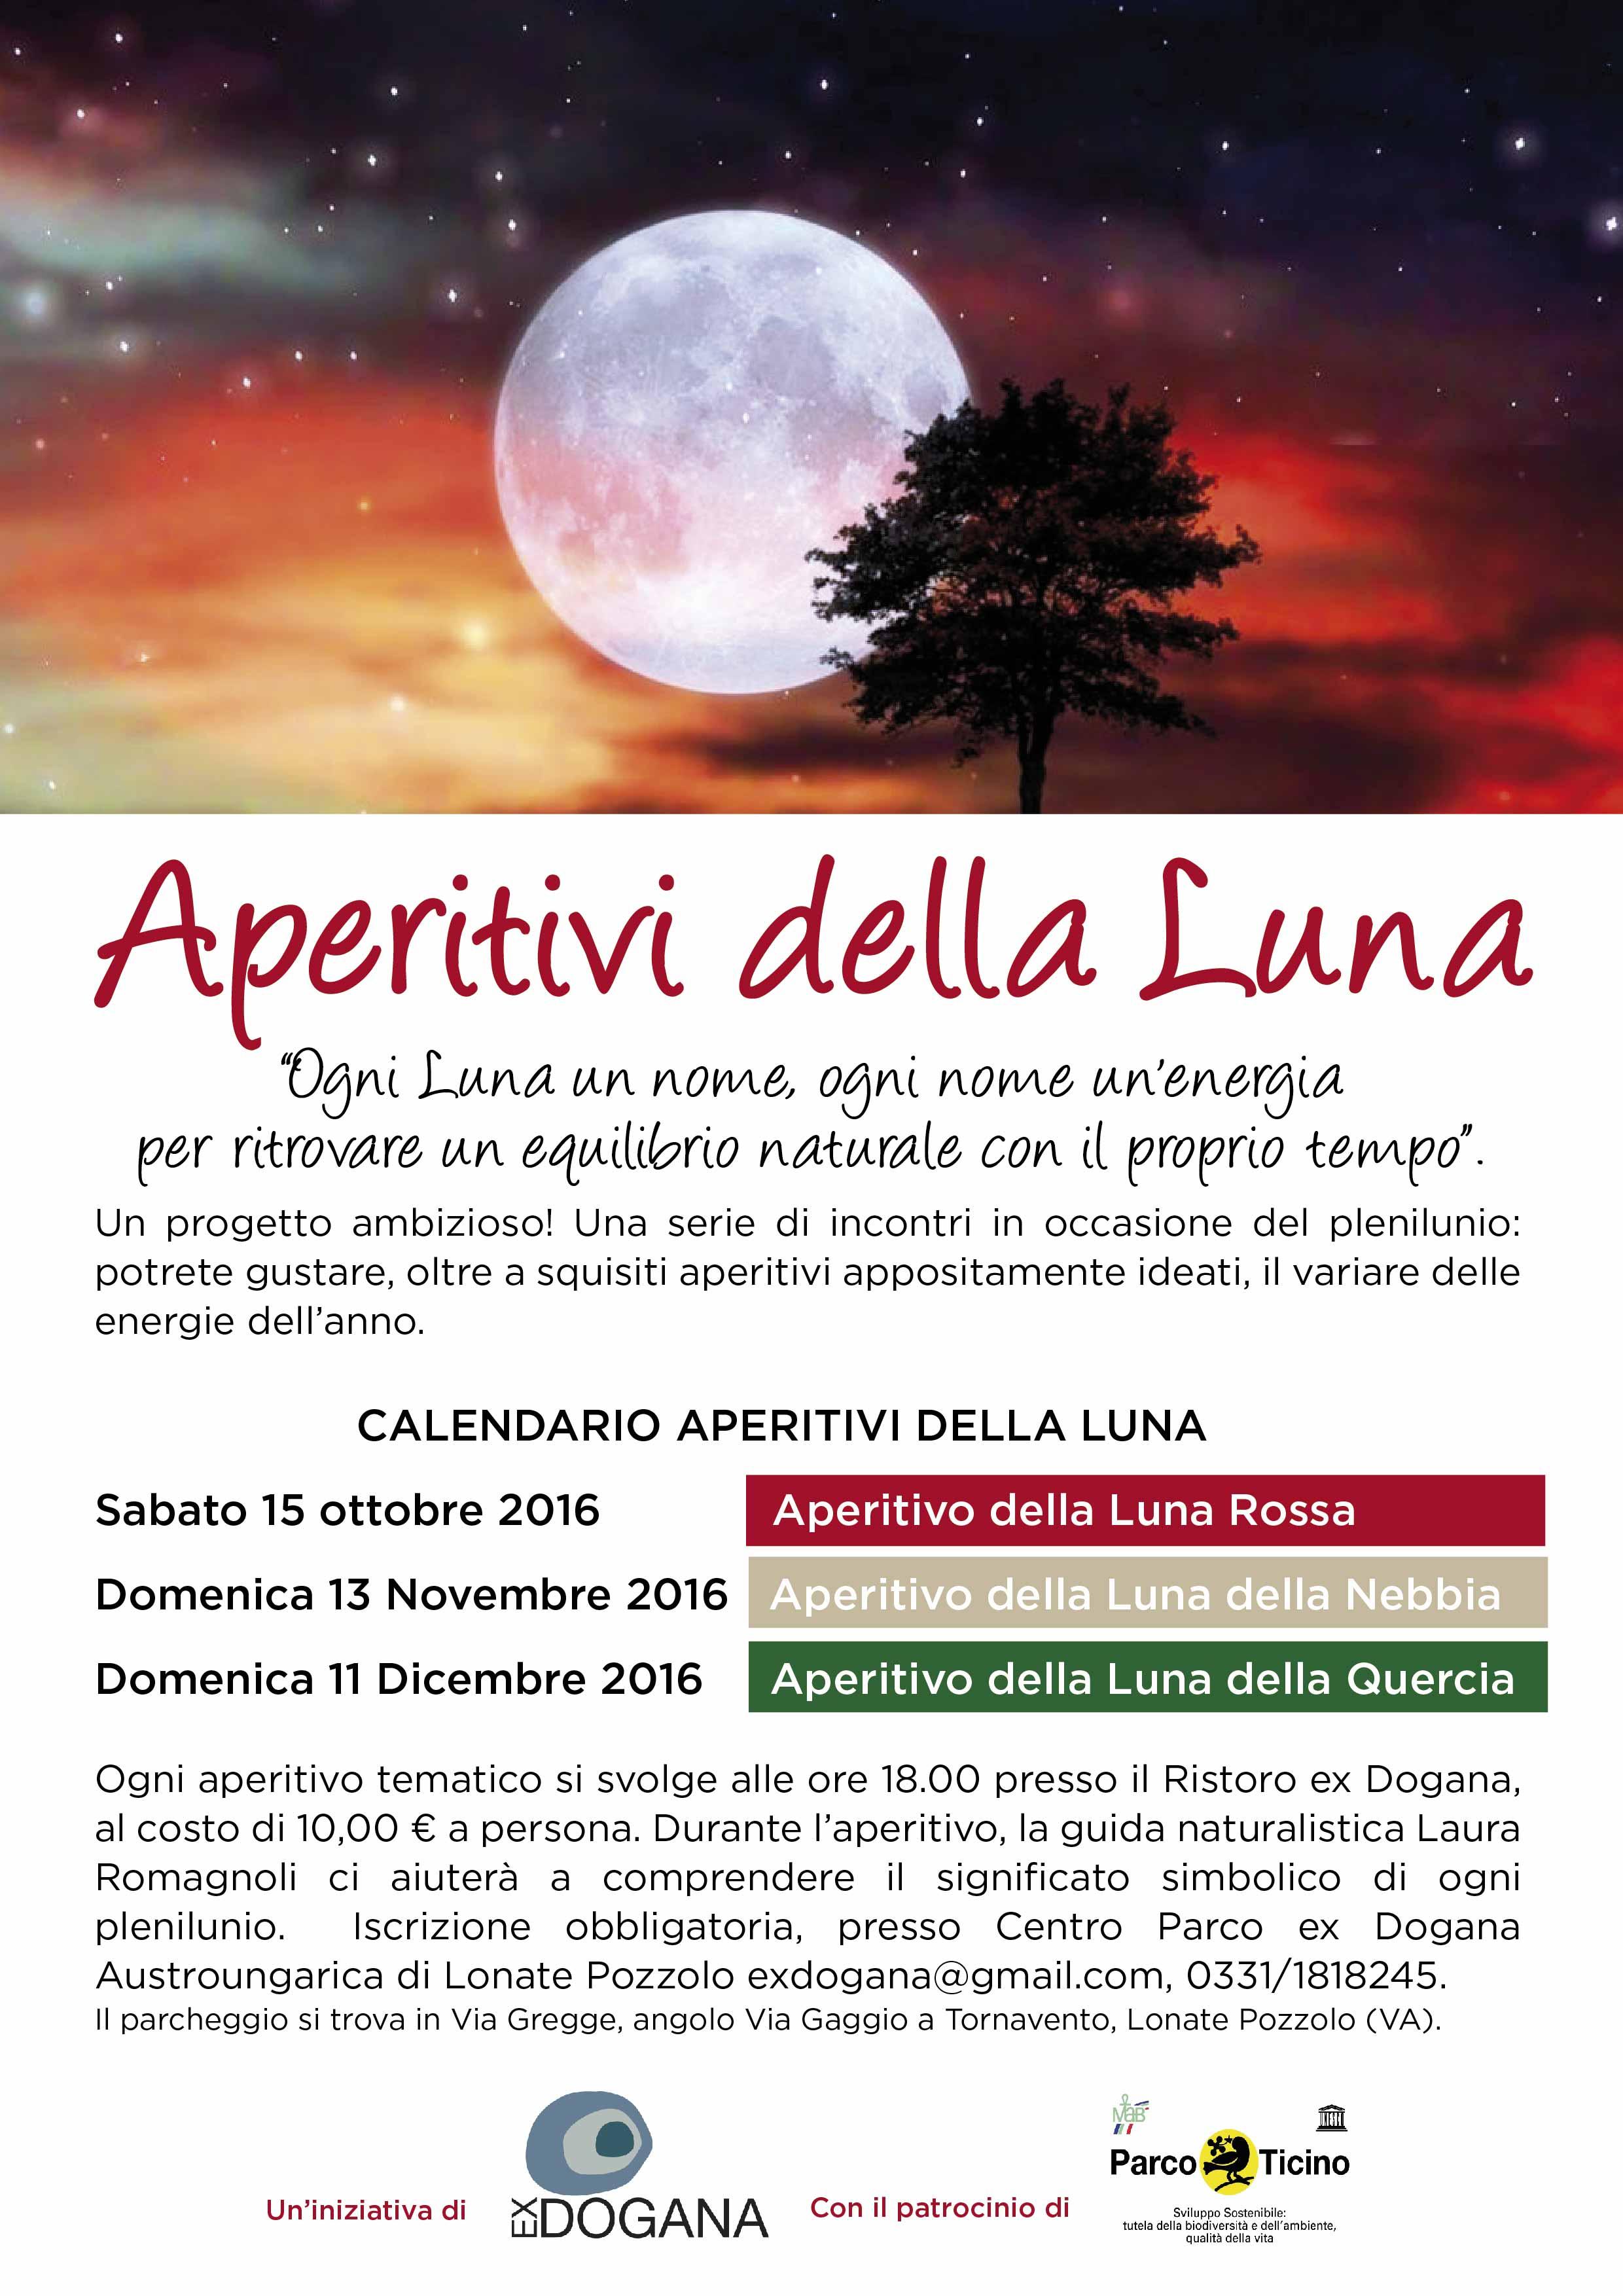 20161015_aperitivi_della_luna-08